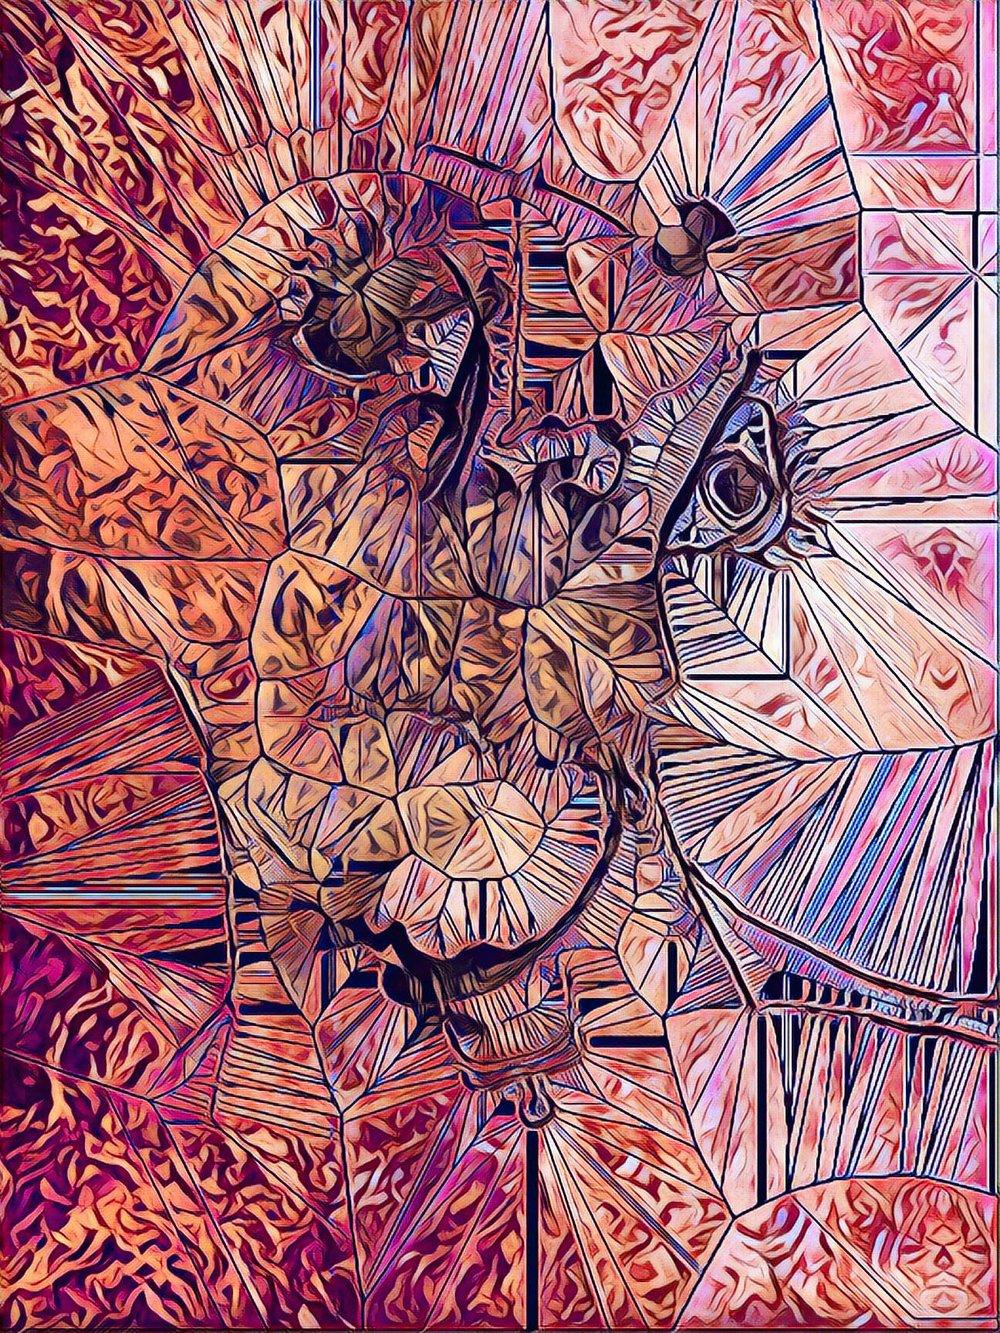 autoportrait as death poet